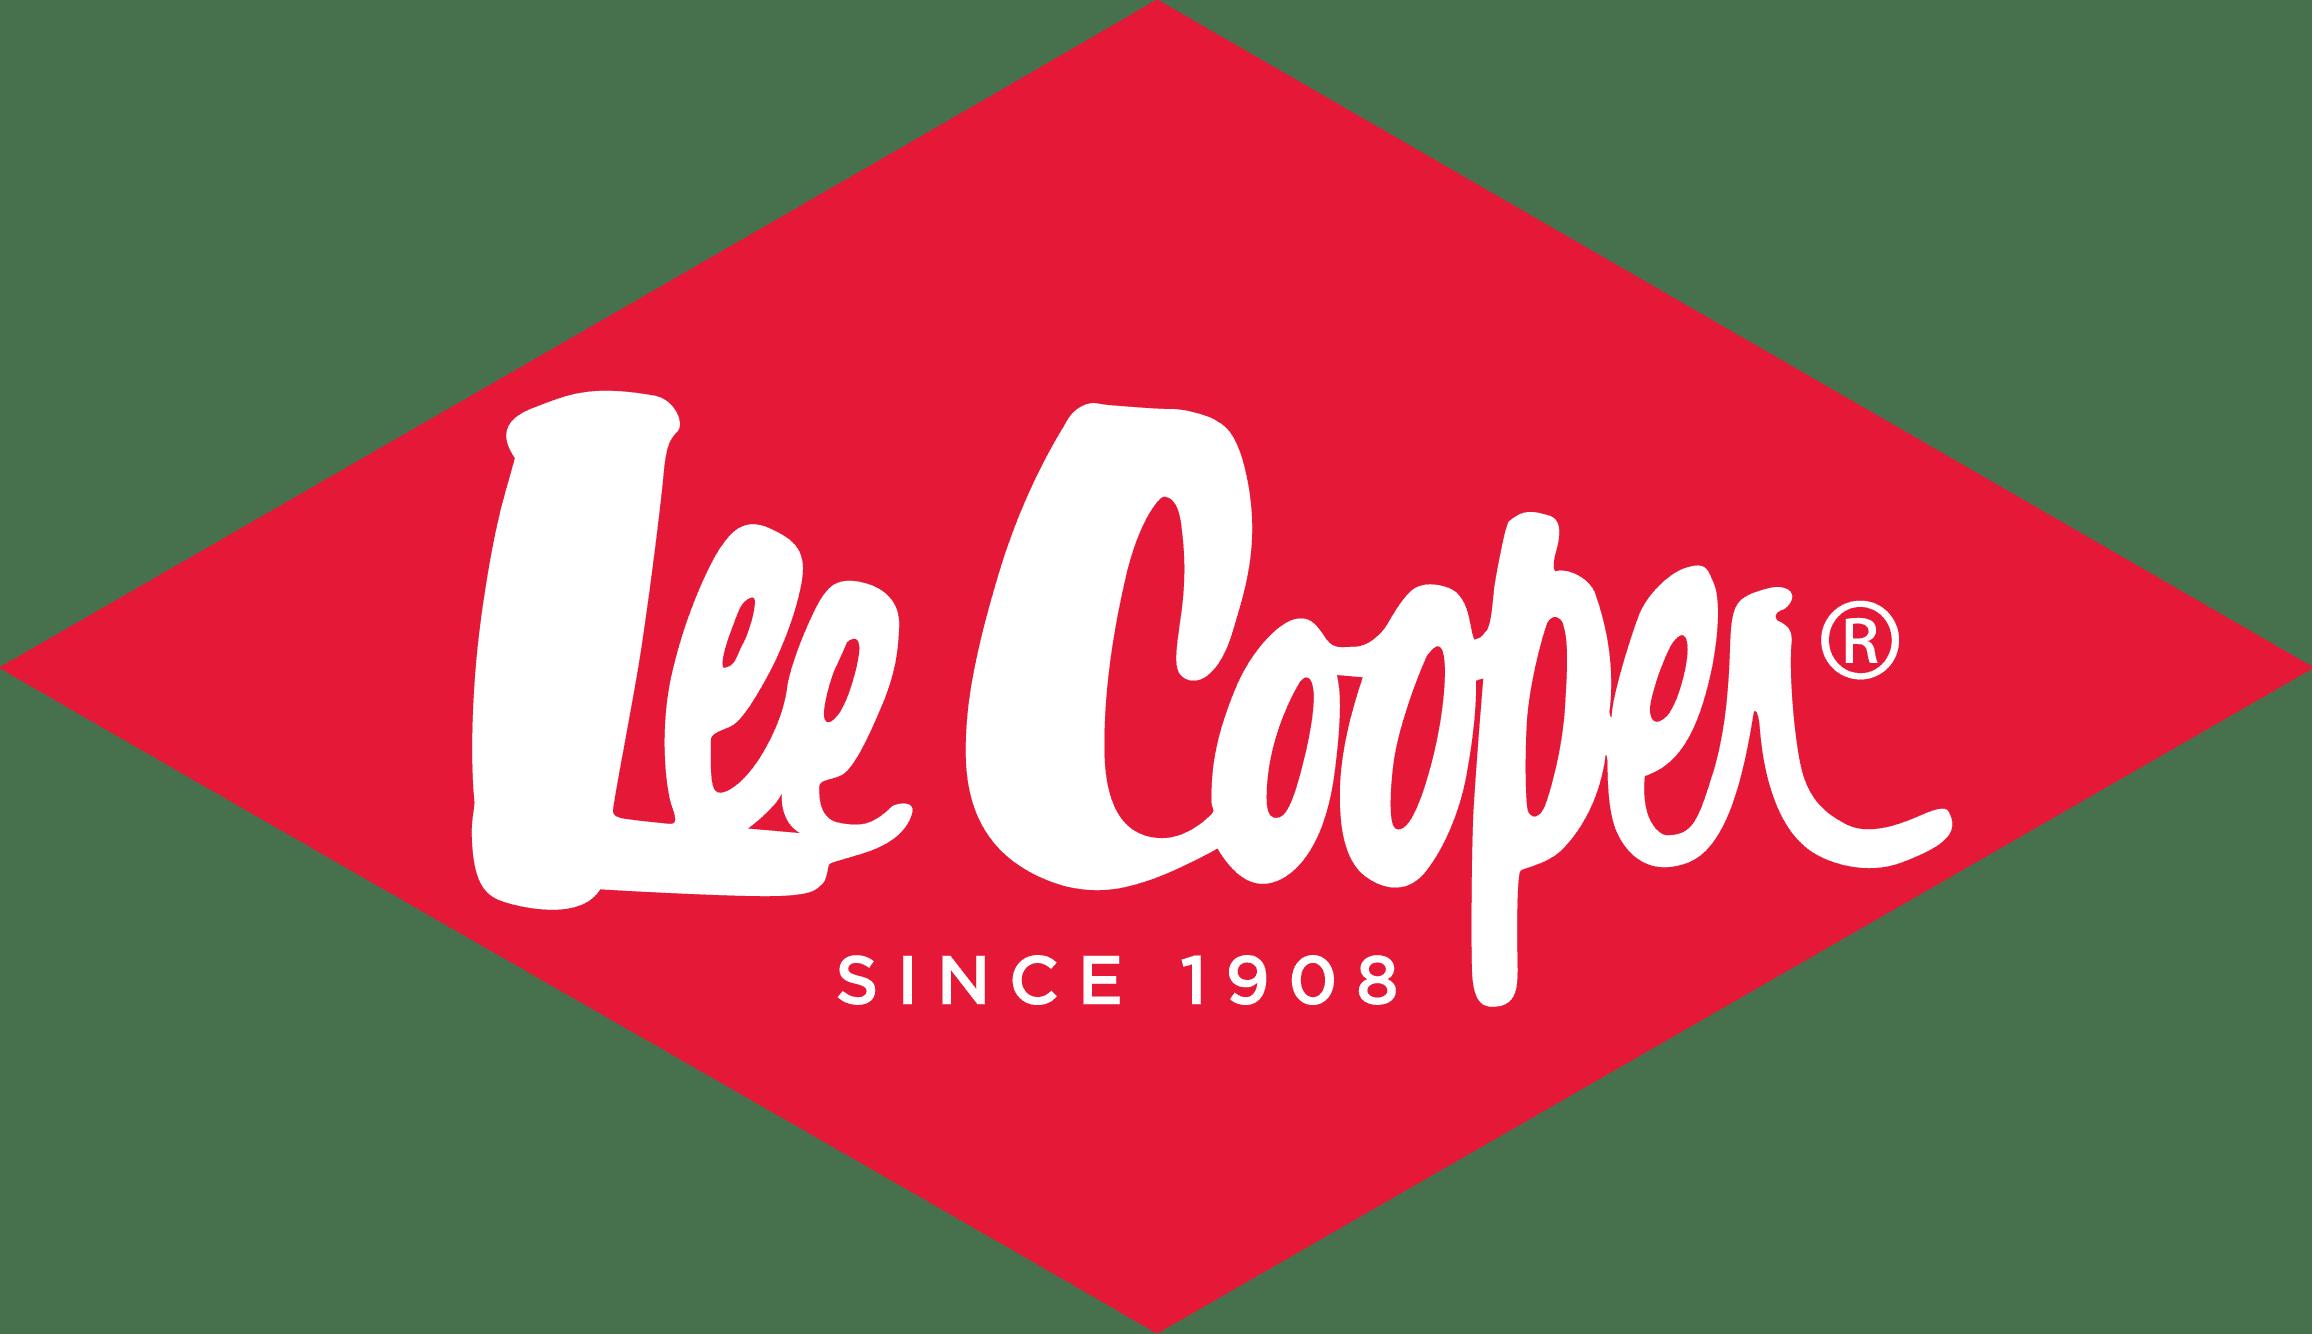 Lee-Cooper-logo